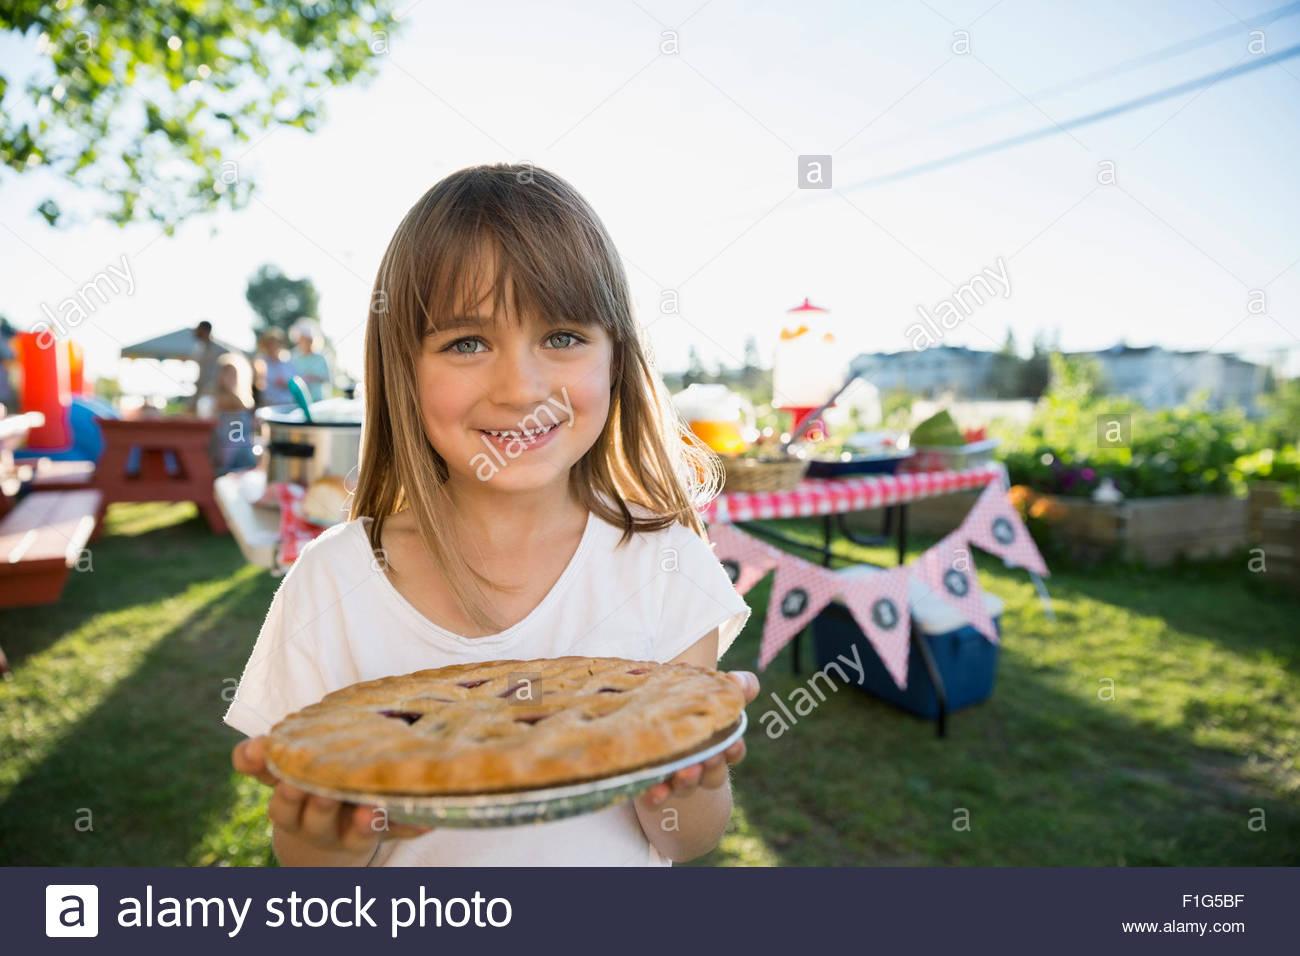 Portrait of smiling girl holding fresh baked pie park Photo Stock